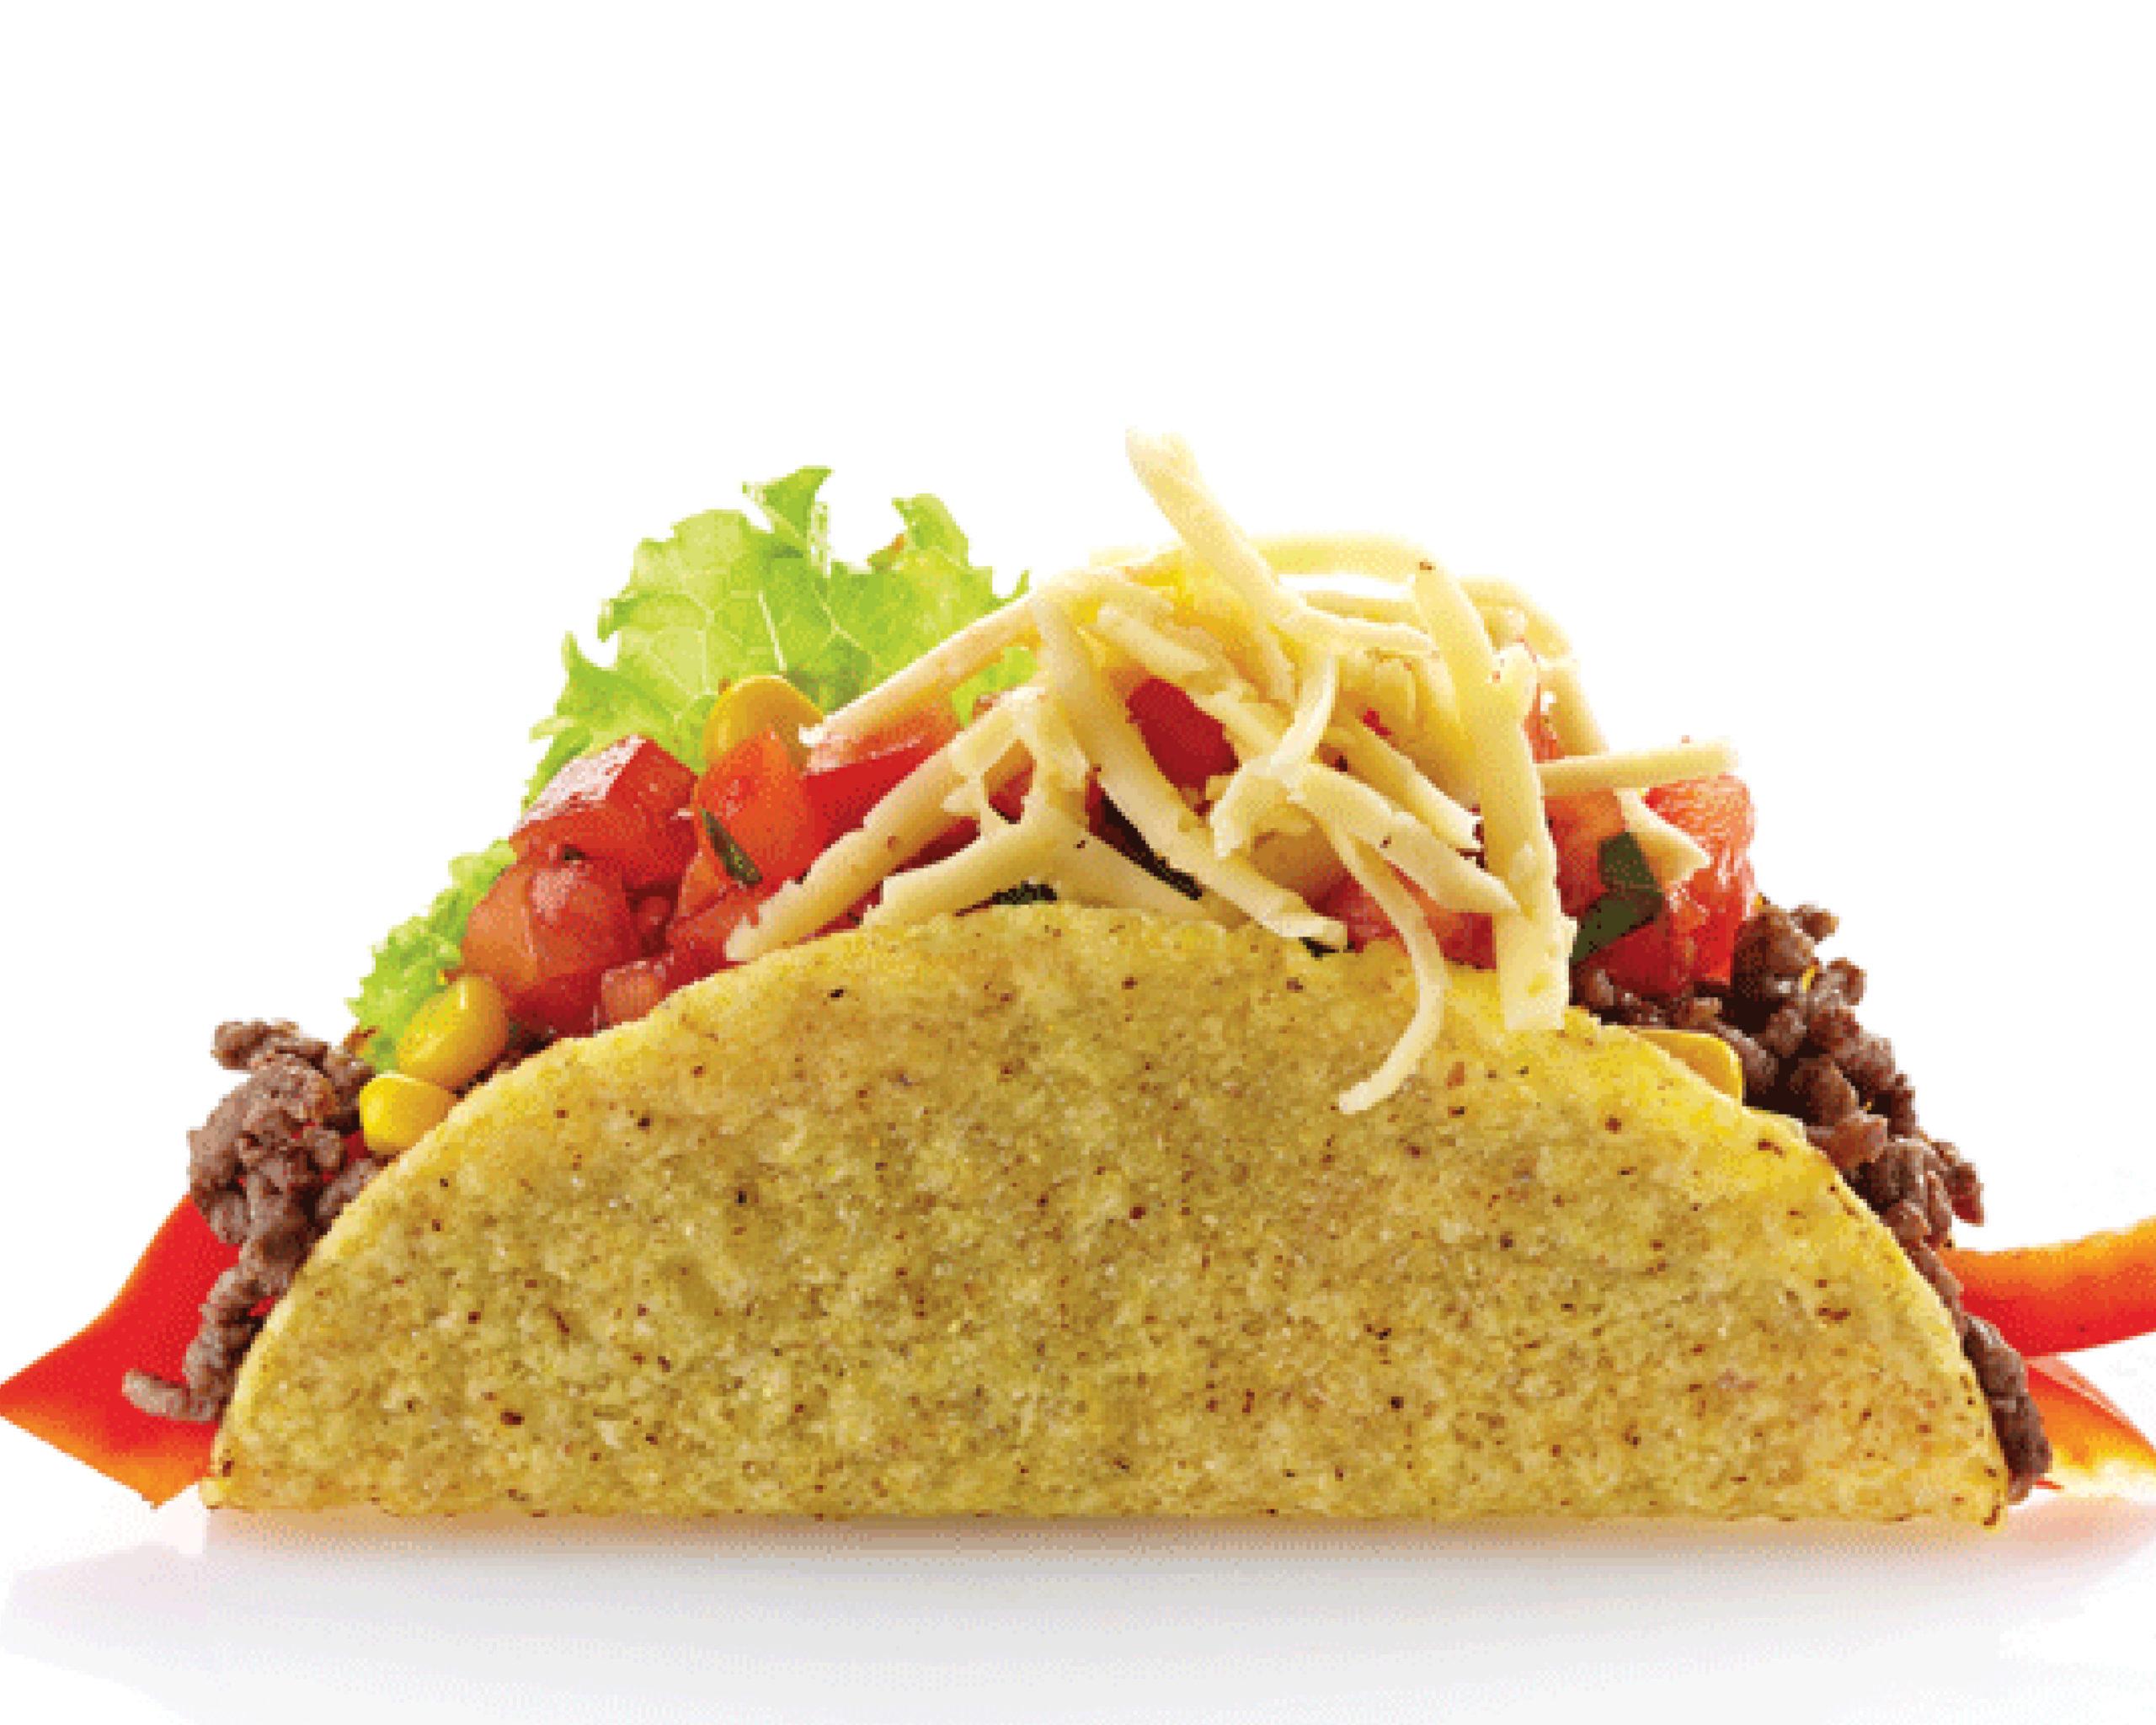 Bilde av taco i taco-skjell, fra https://www.emra.org/, Cingulum